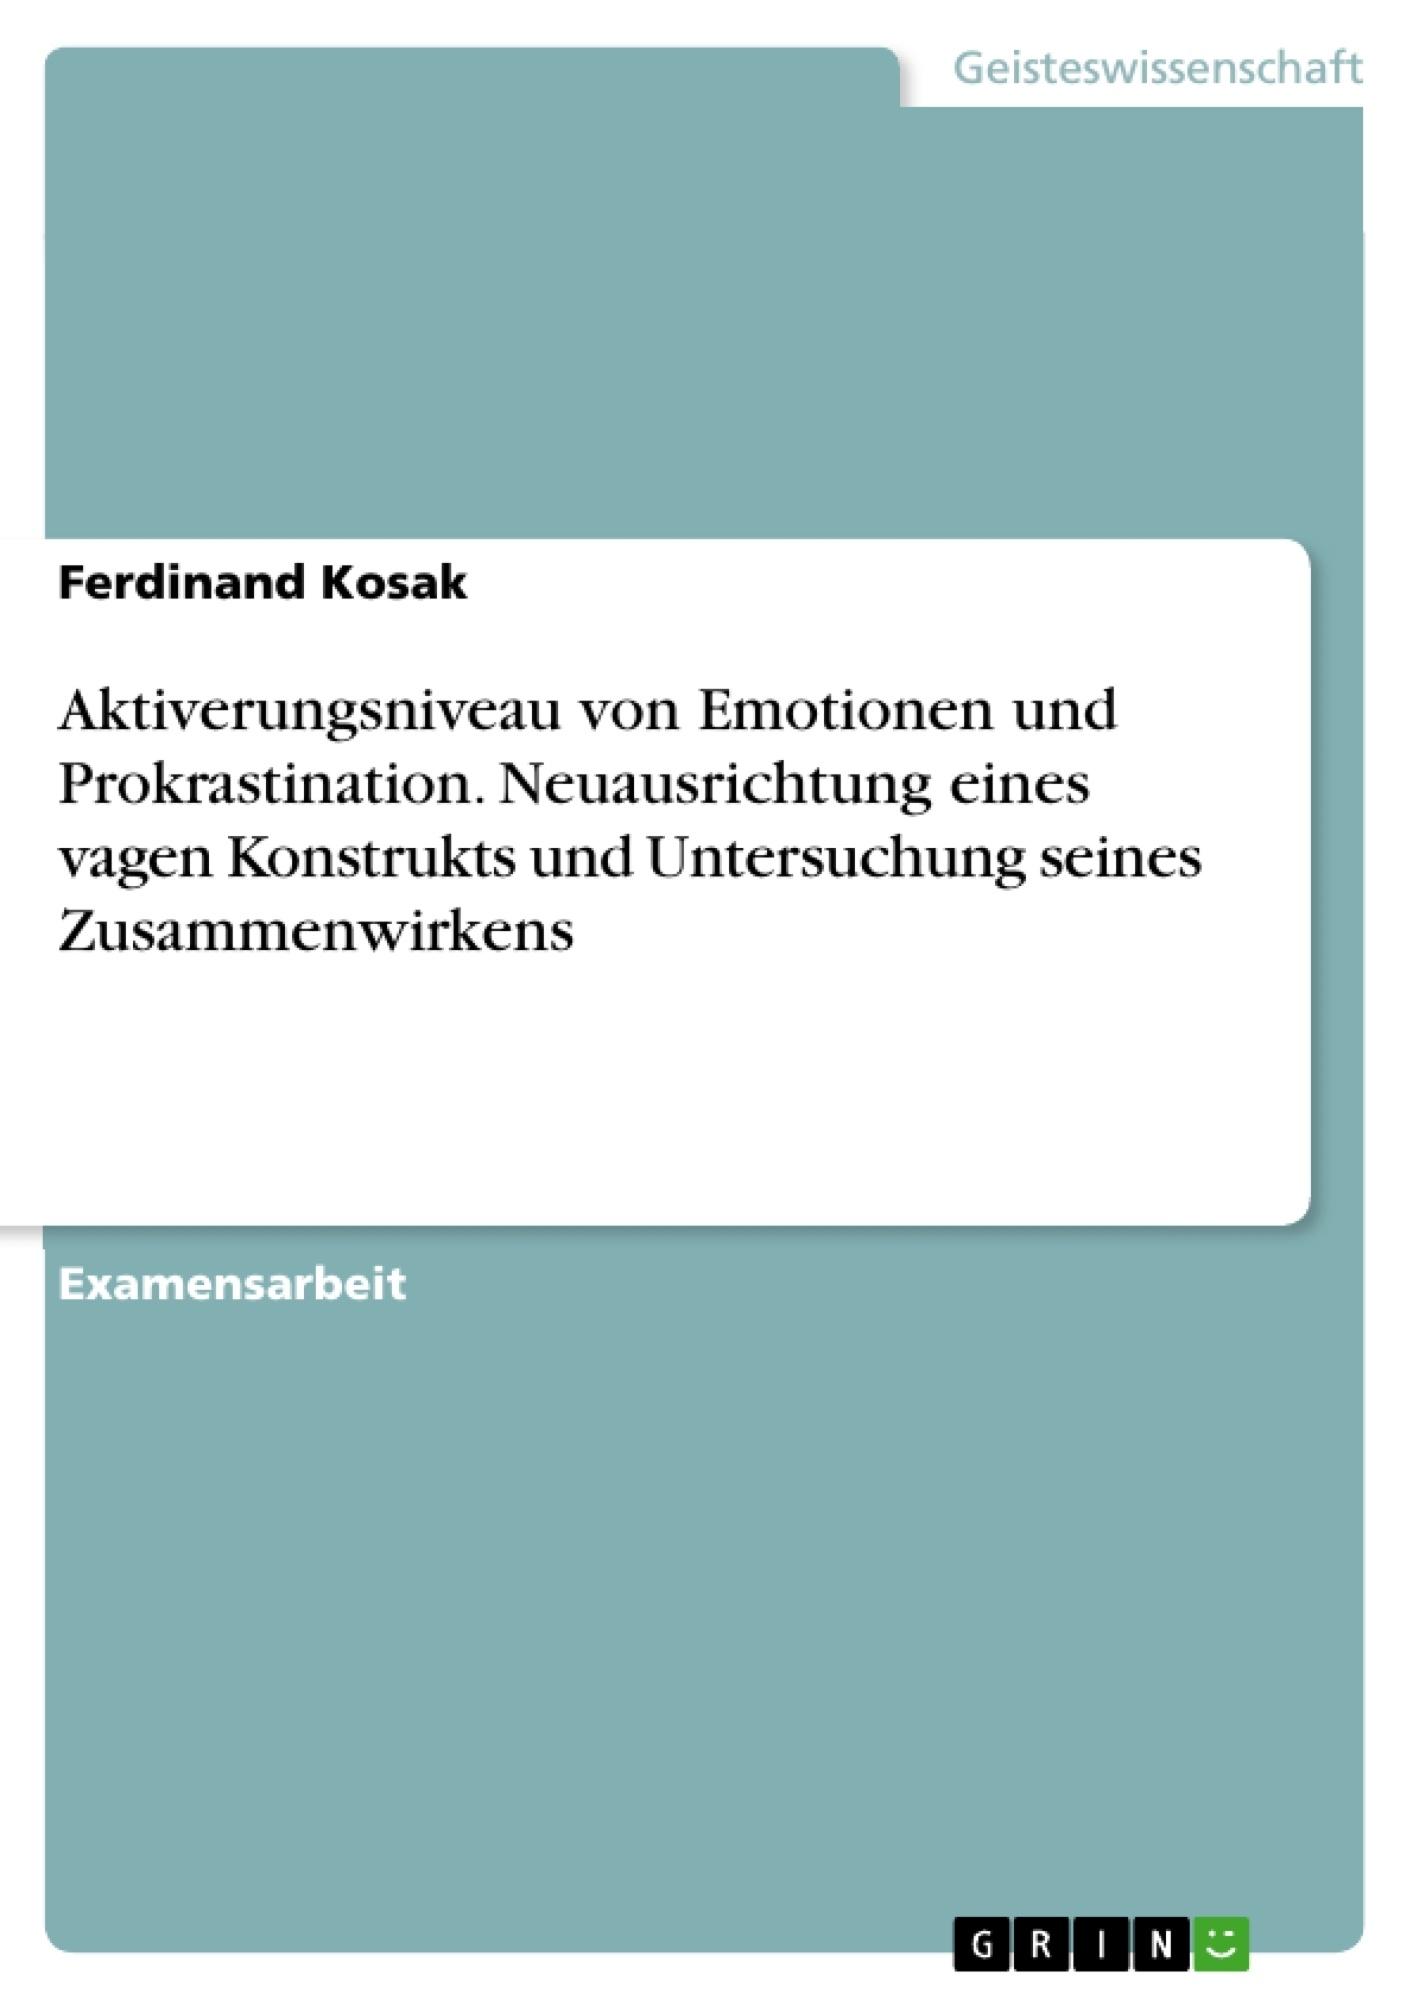 Titel: Aktiverungsniveau von Emotionen und Prokrastination. Neuausrichtung eines vagen Konstrukts und Untersuchung seines Zusammenwirkens